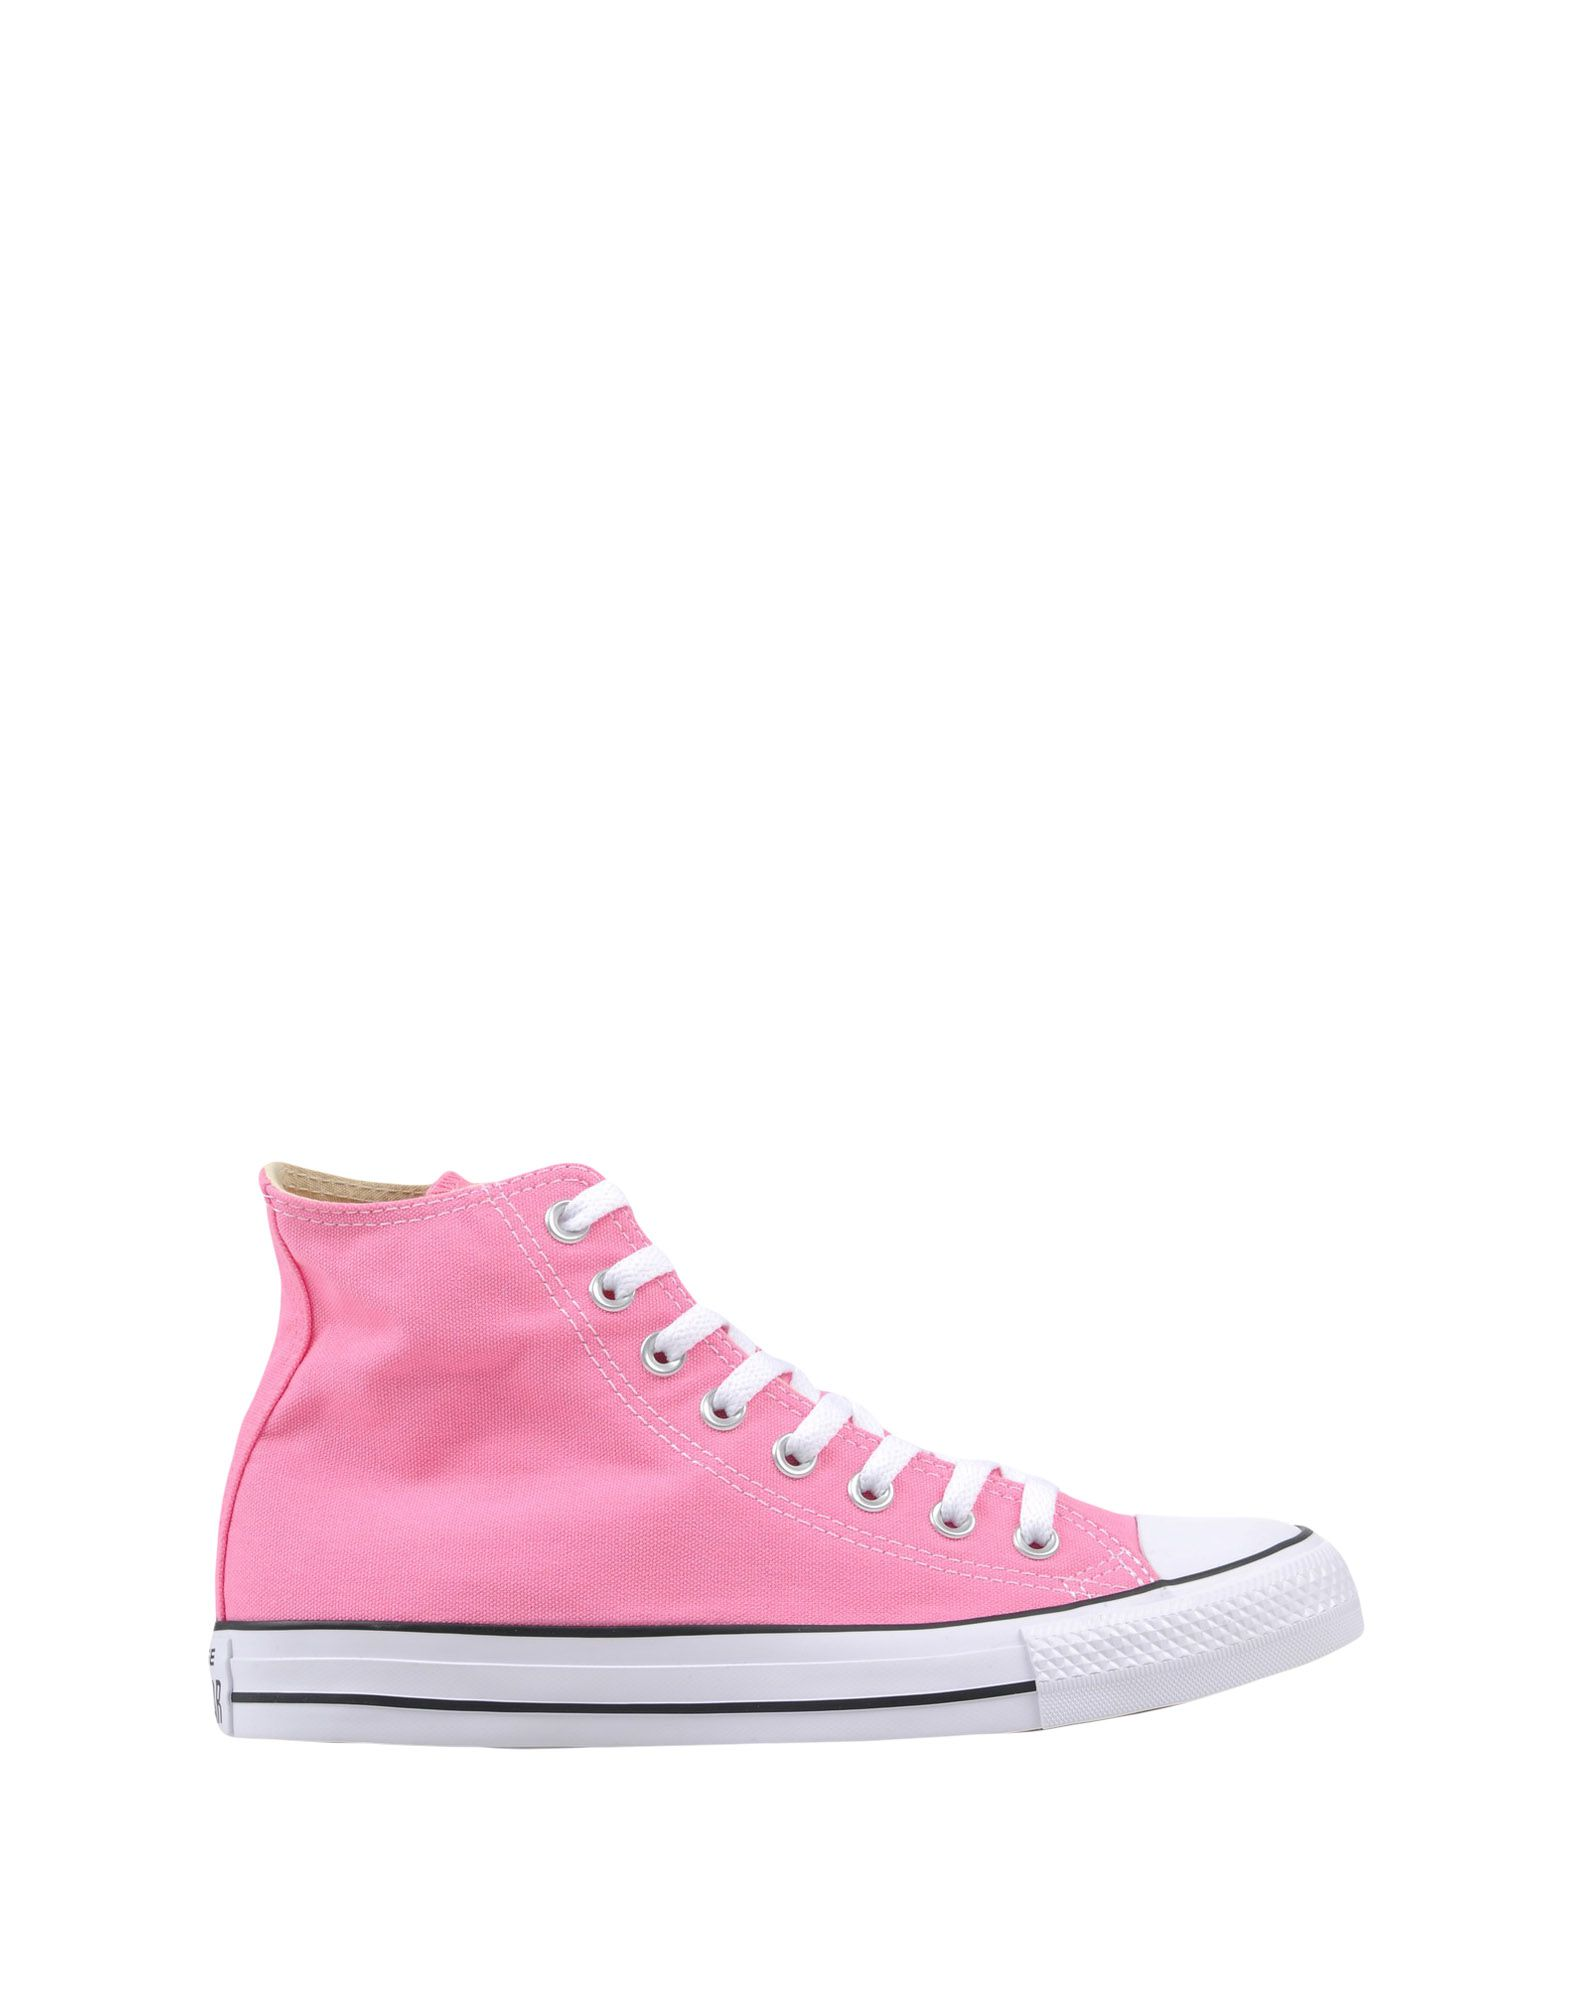 Converse All Star Ctas Hi Canvas Core  11437574XB Gute Schuhe Qualität beliebte Schuhe Gute de5b58